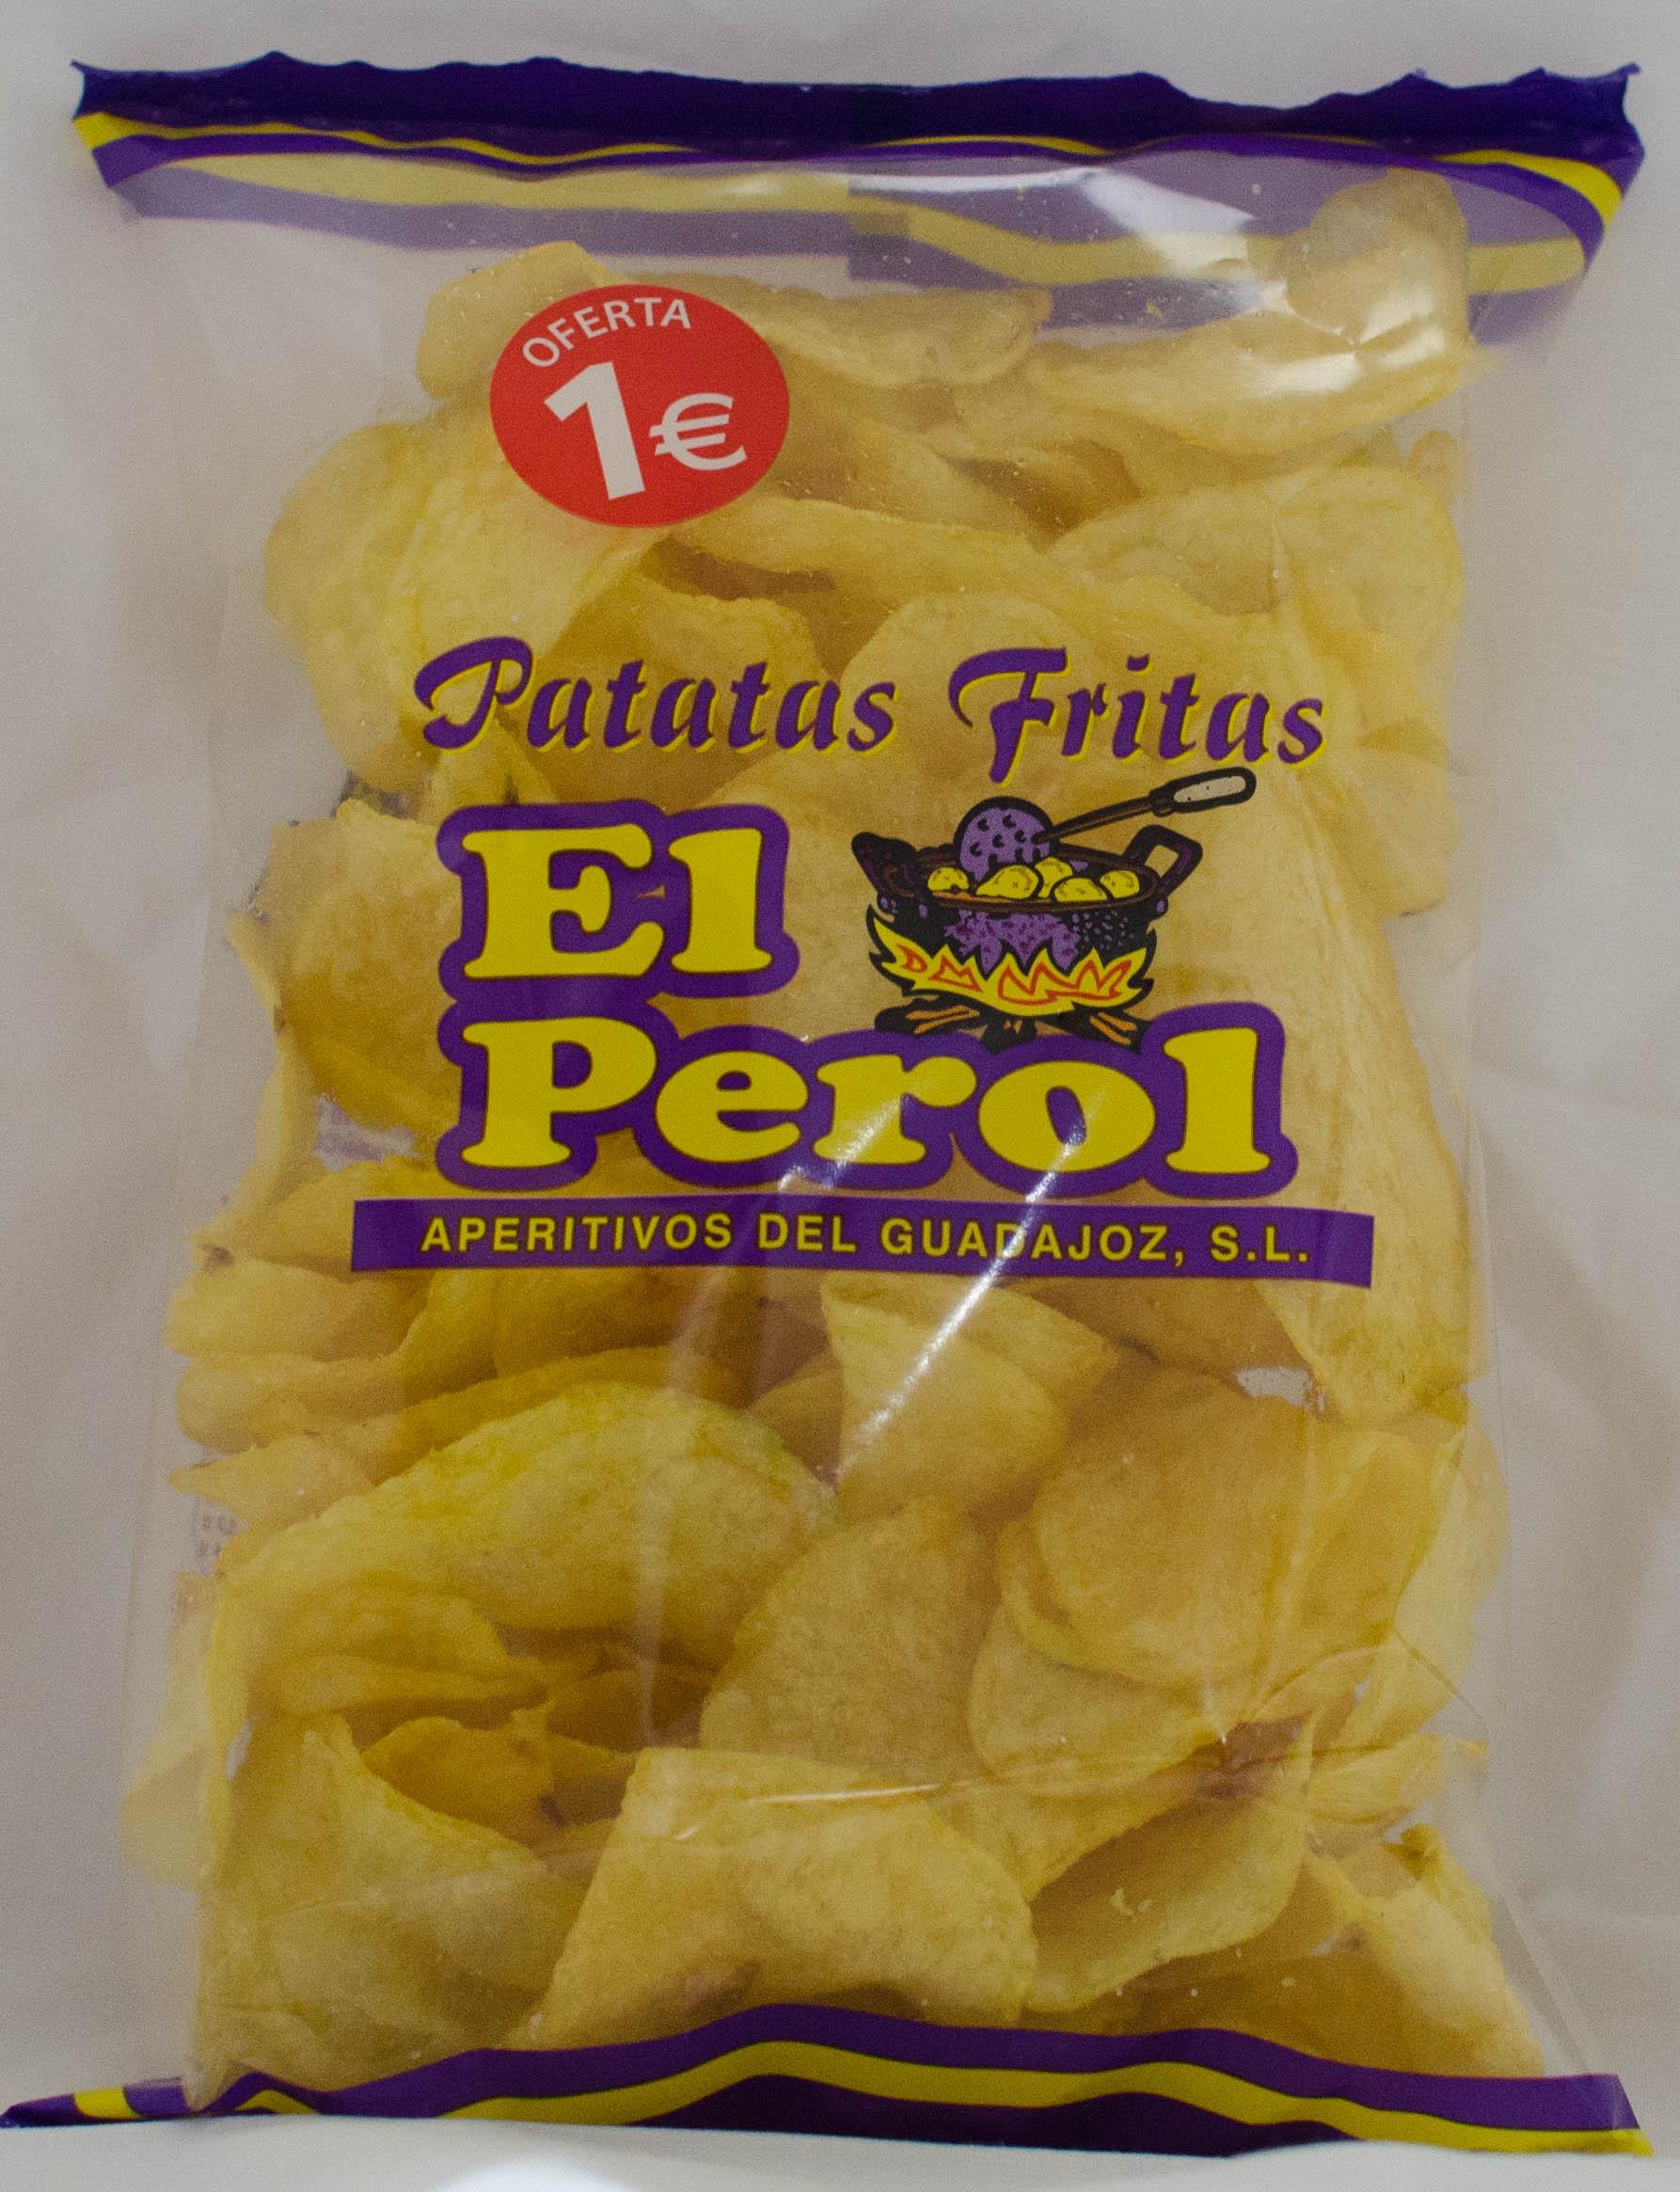 Patatas fritas (170grs) Image